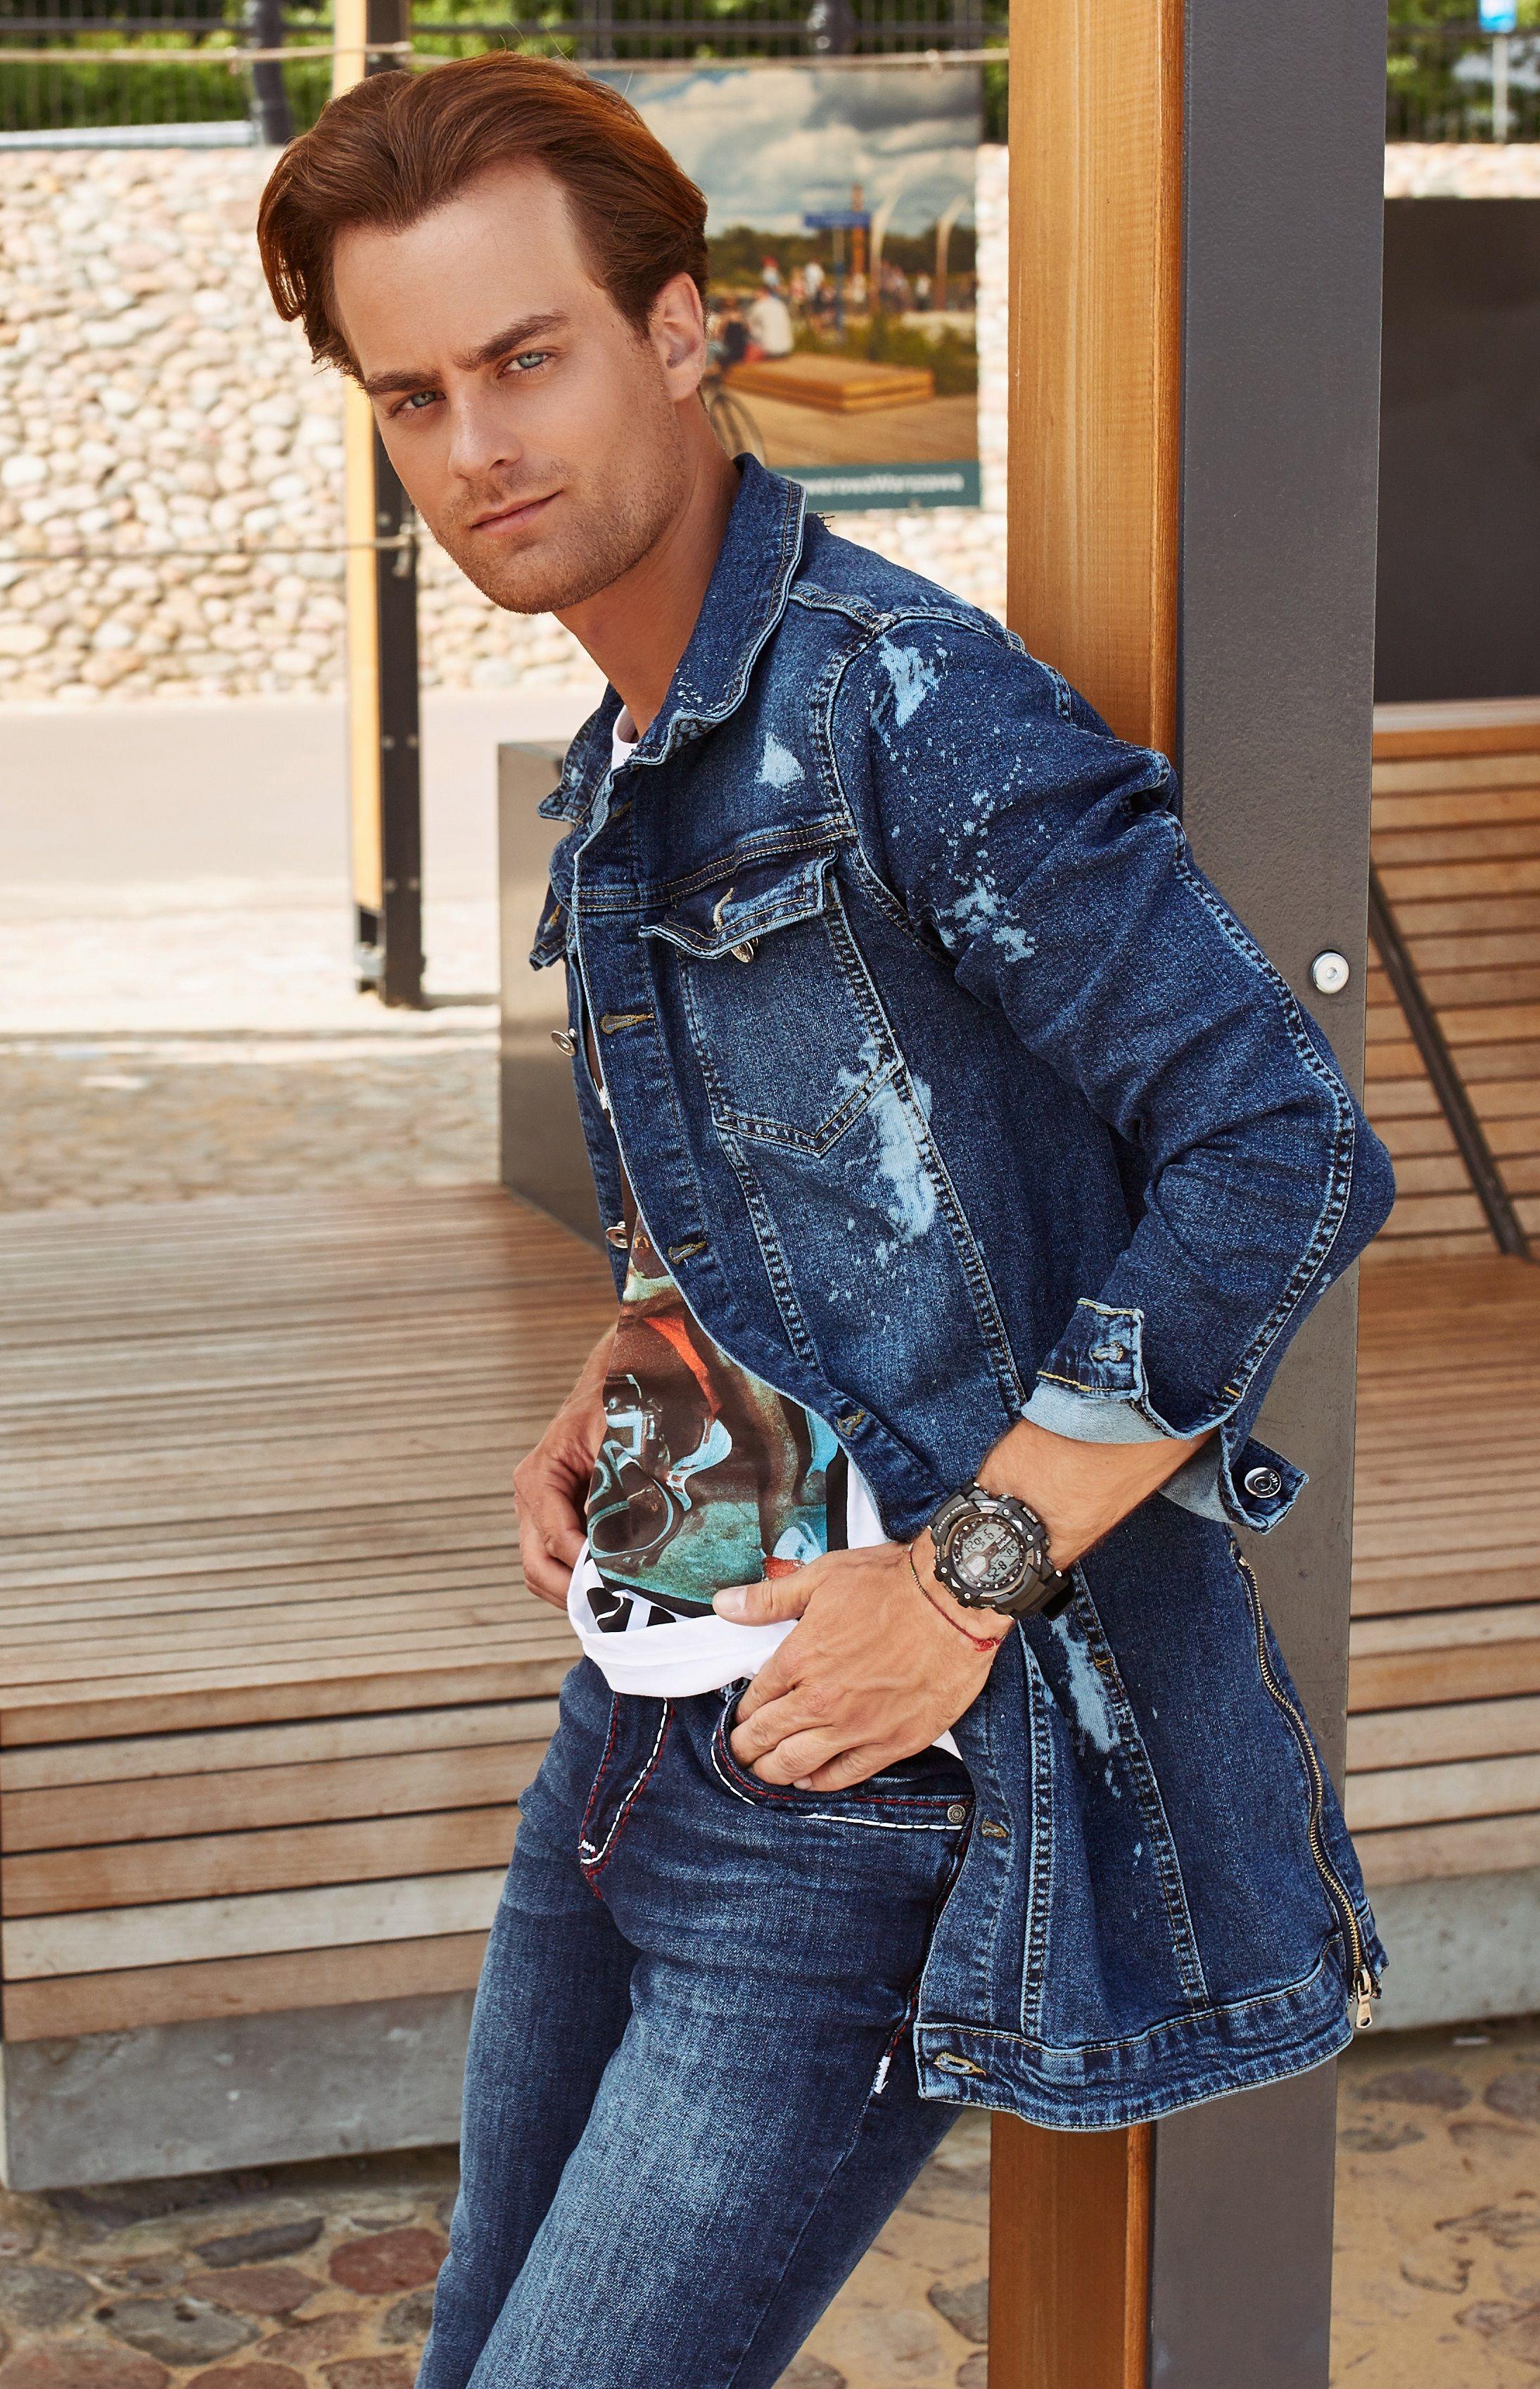 5c2ed73495 Zawsze na topie  JEANS❗ Zainspiruj się stylizacją ze zdjęcia  T-shirt męski  ➡ model 1396 Jeansy ➡ model 702 Kurtka jeansowa ➡ model 2020